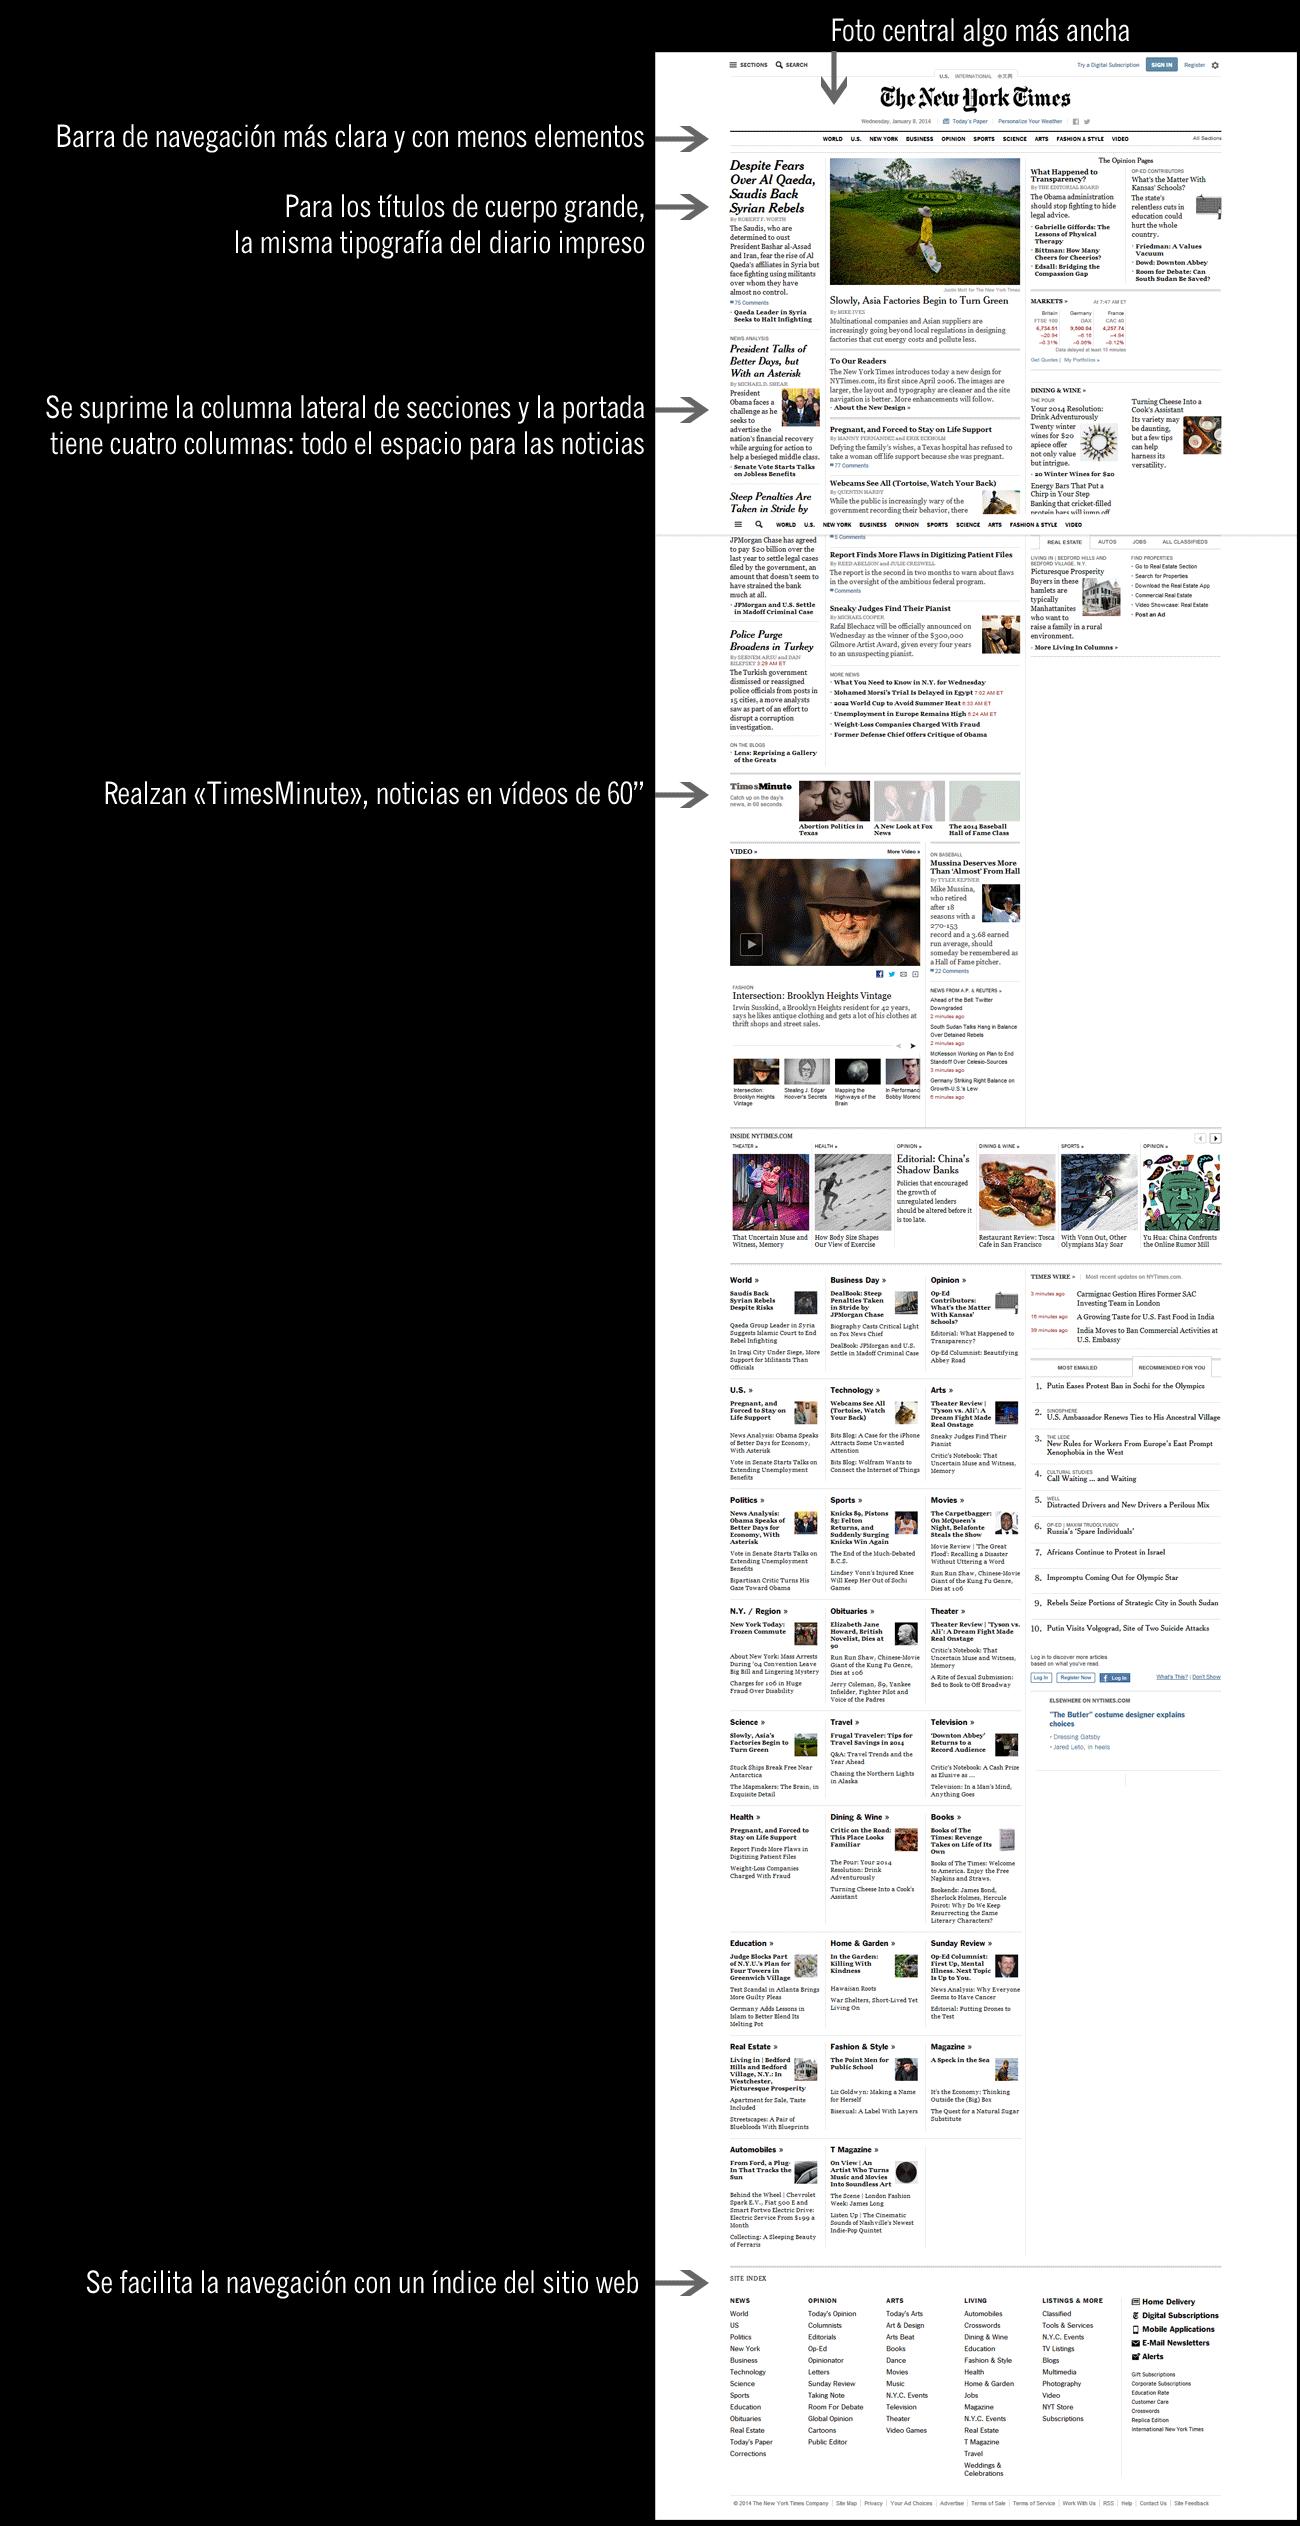 Principales cambios en la nueva portada de NYTimes.com